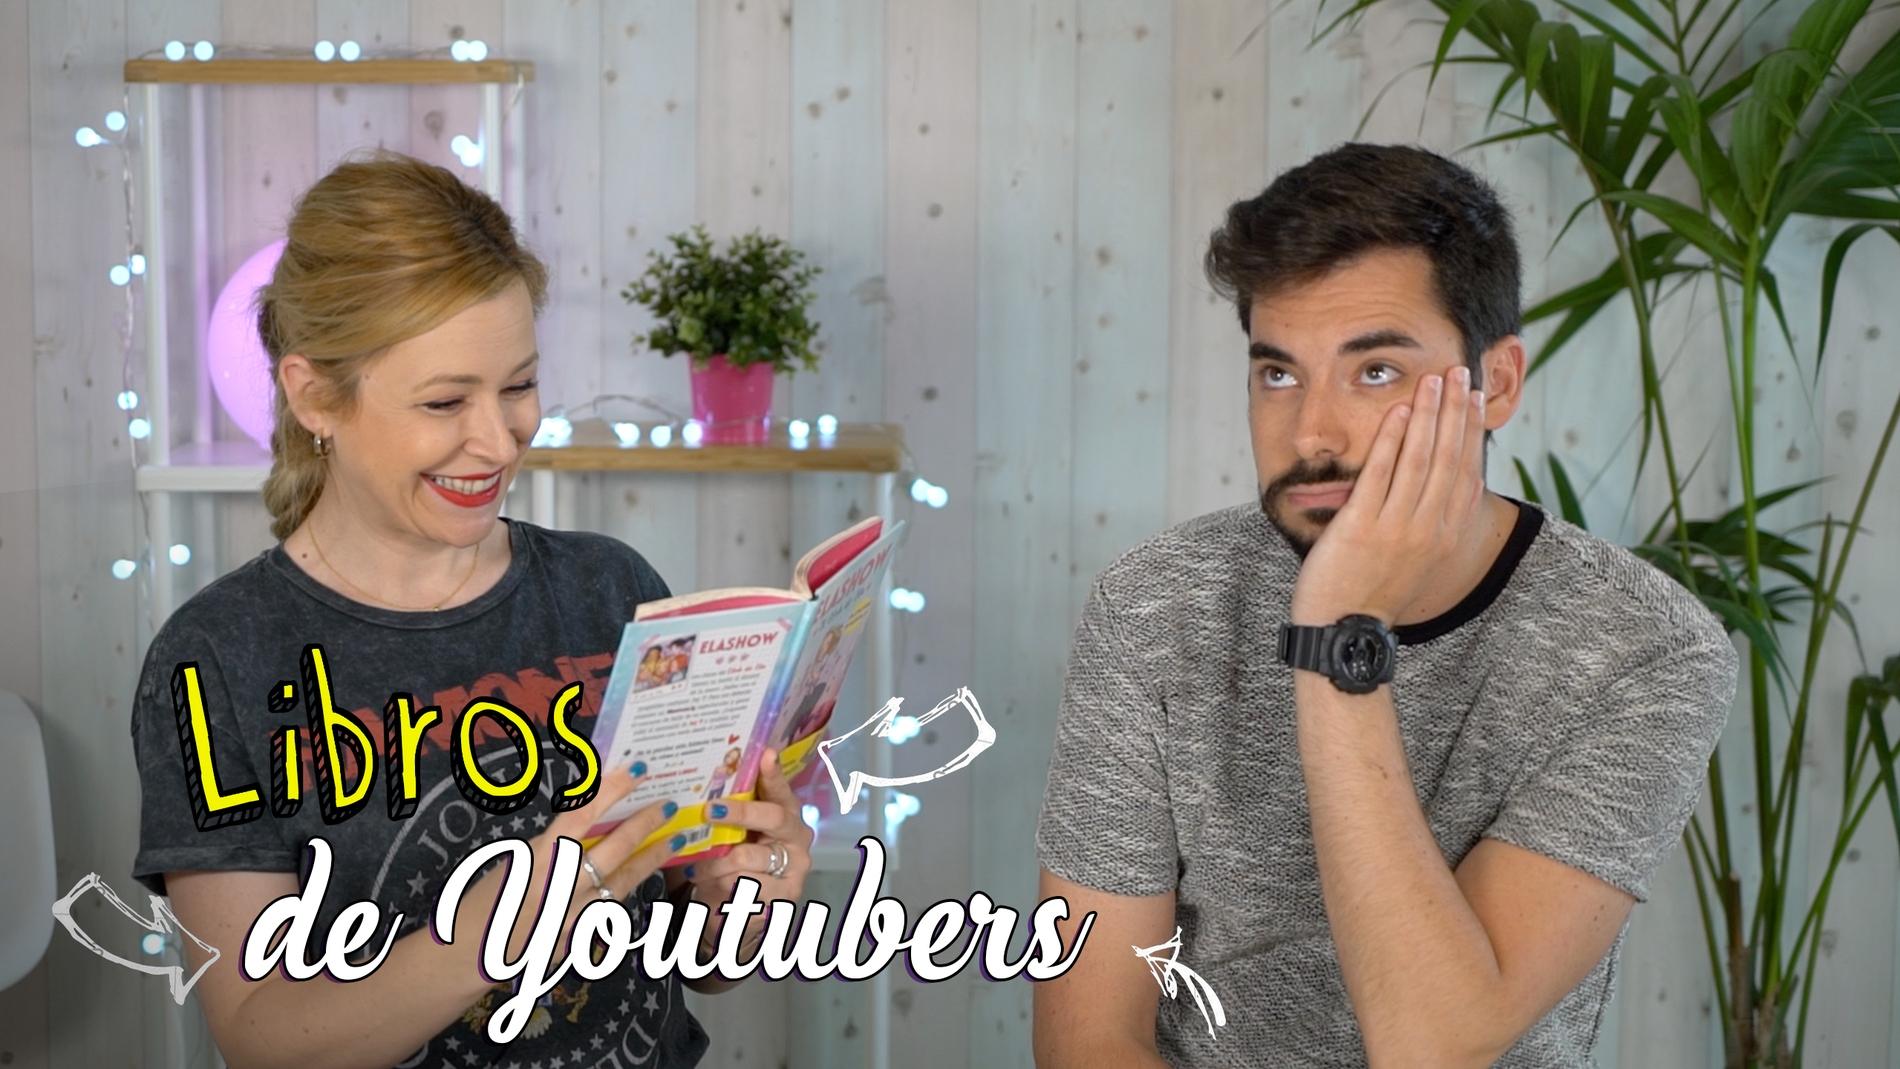 Los libros de Youtubers, ¿La muerte de la literatura? | Familia Carameluchi